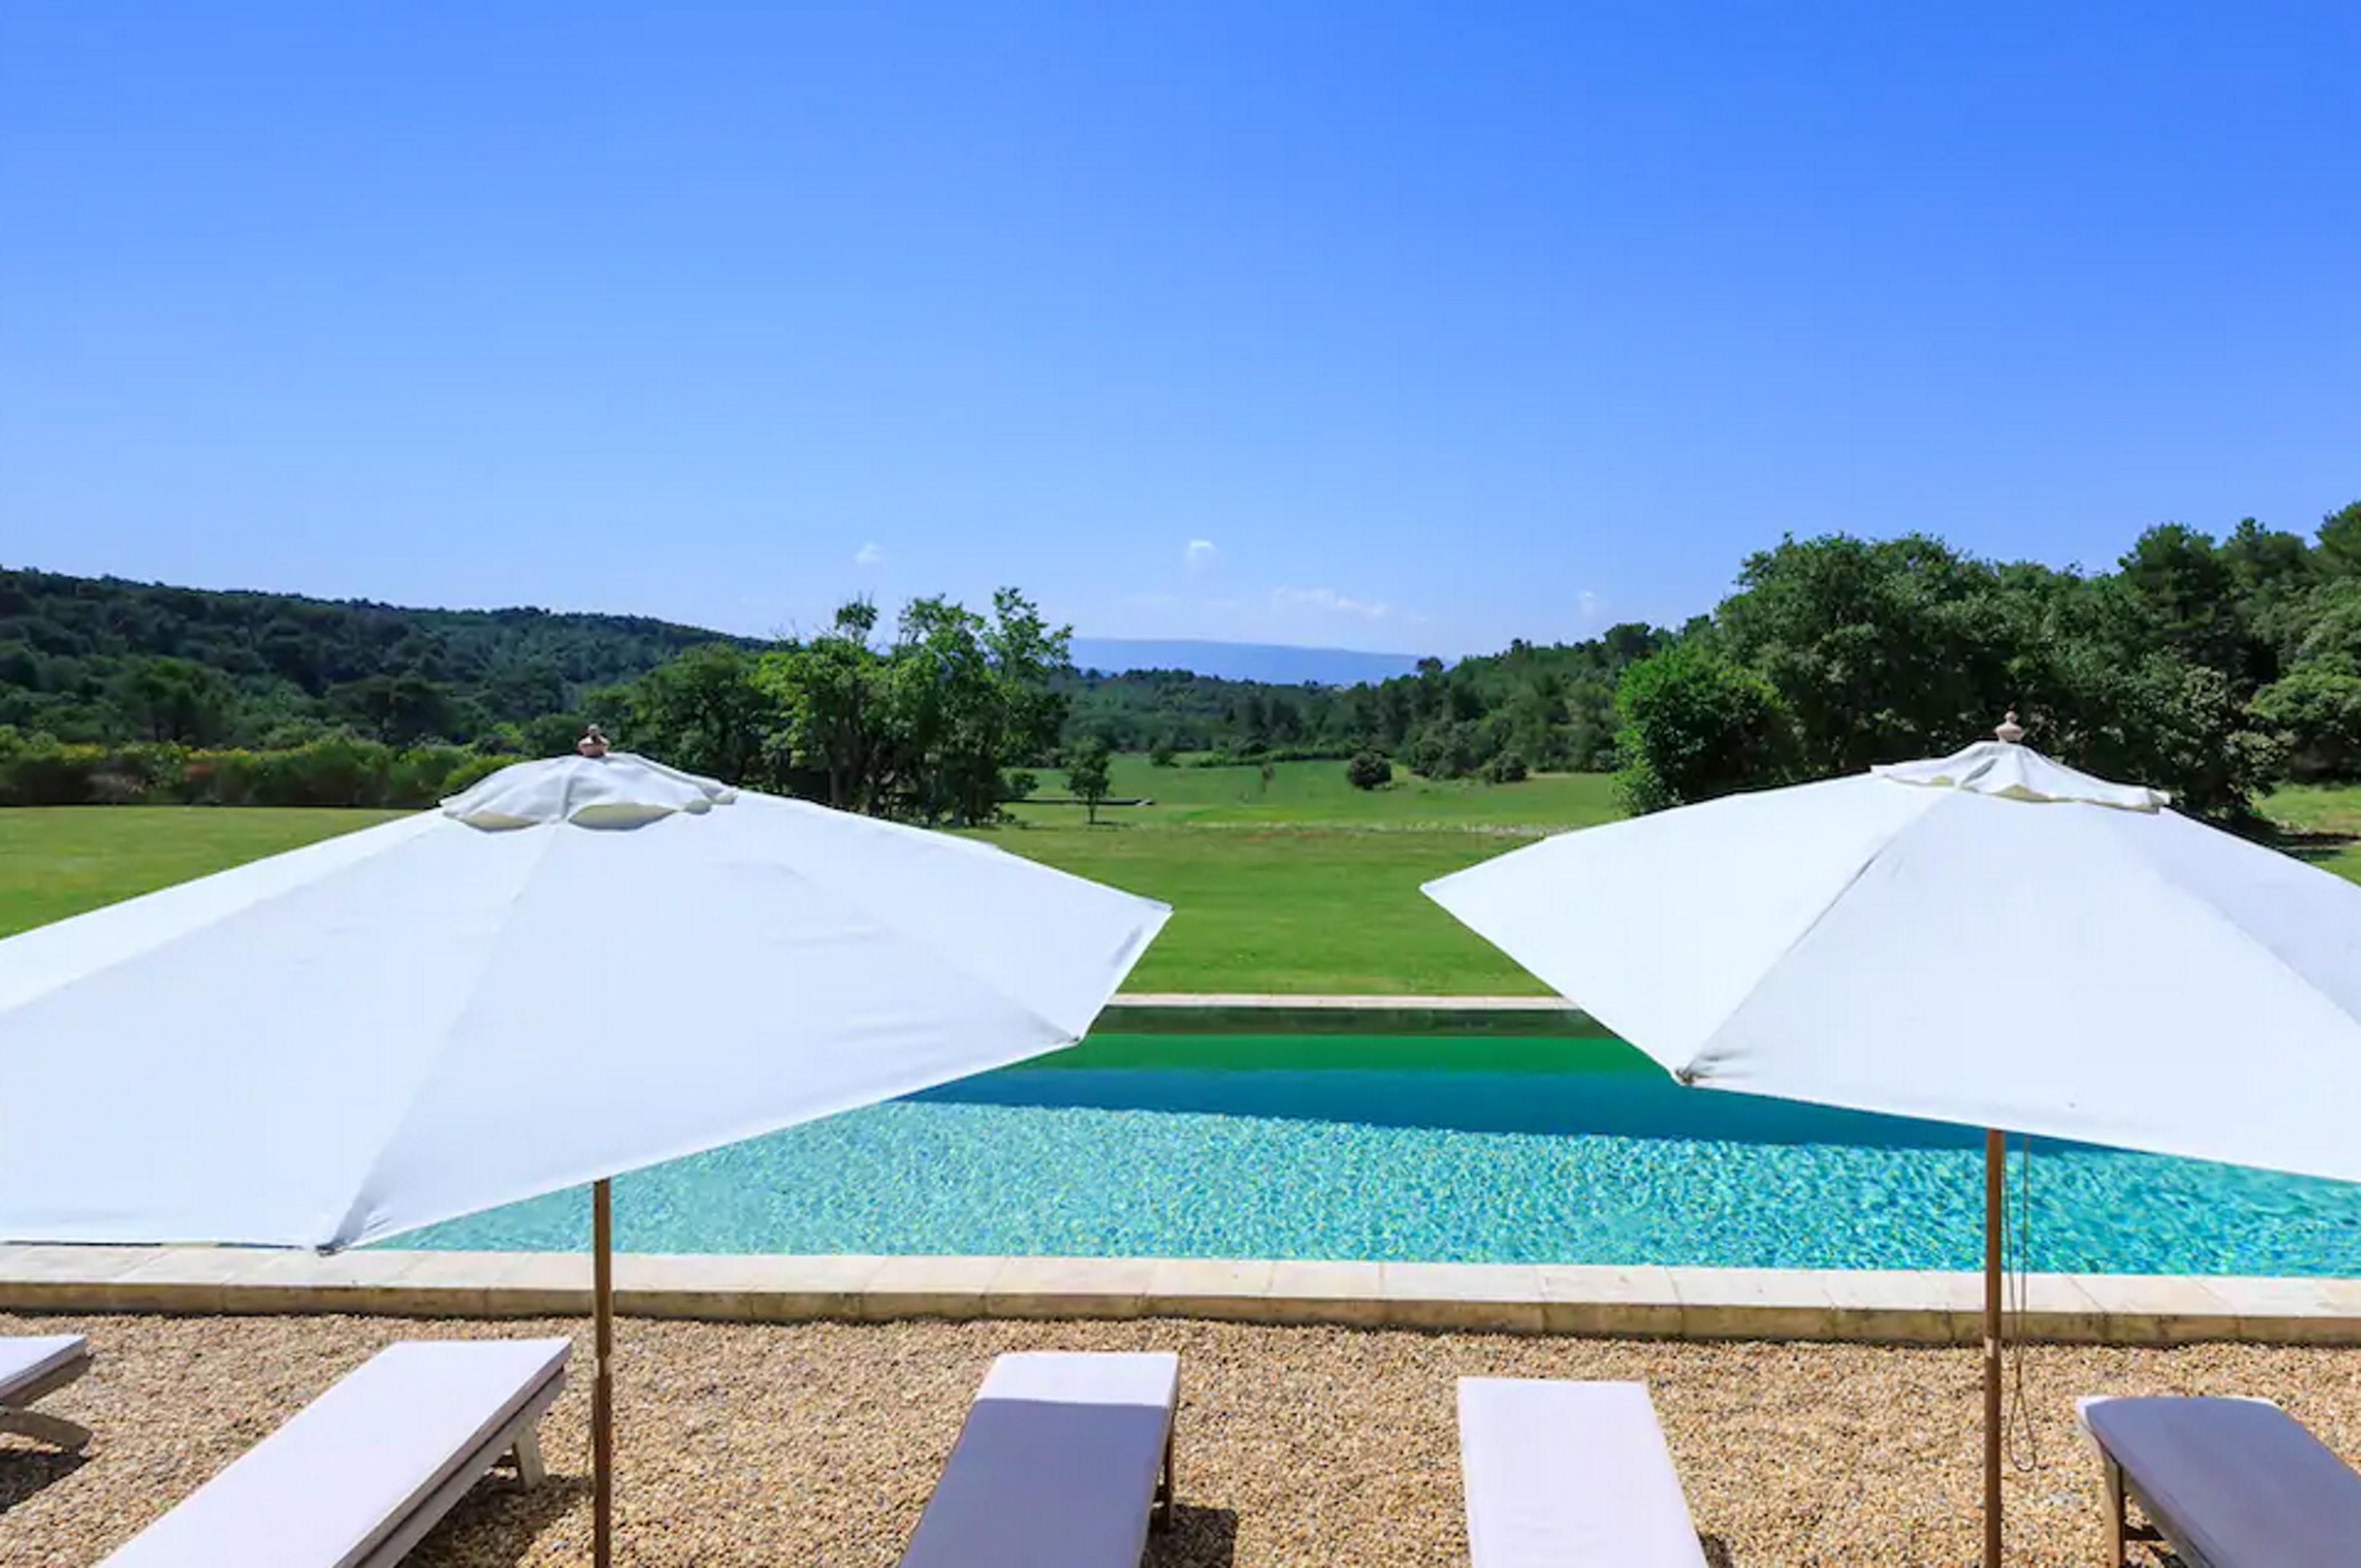 Maison de vacances Villa mit 6 Schlafzimmern in L'Isle-sur-la-Sorgue mit privatem Pool, möbliertem Garten und (2647203), L'Isle sur la Sorgue, Vaucluse, Provence - Alpes - Côte d'Azur, France, image 48